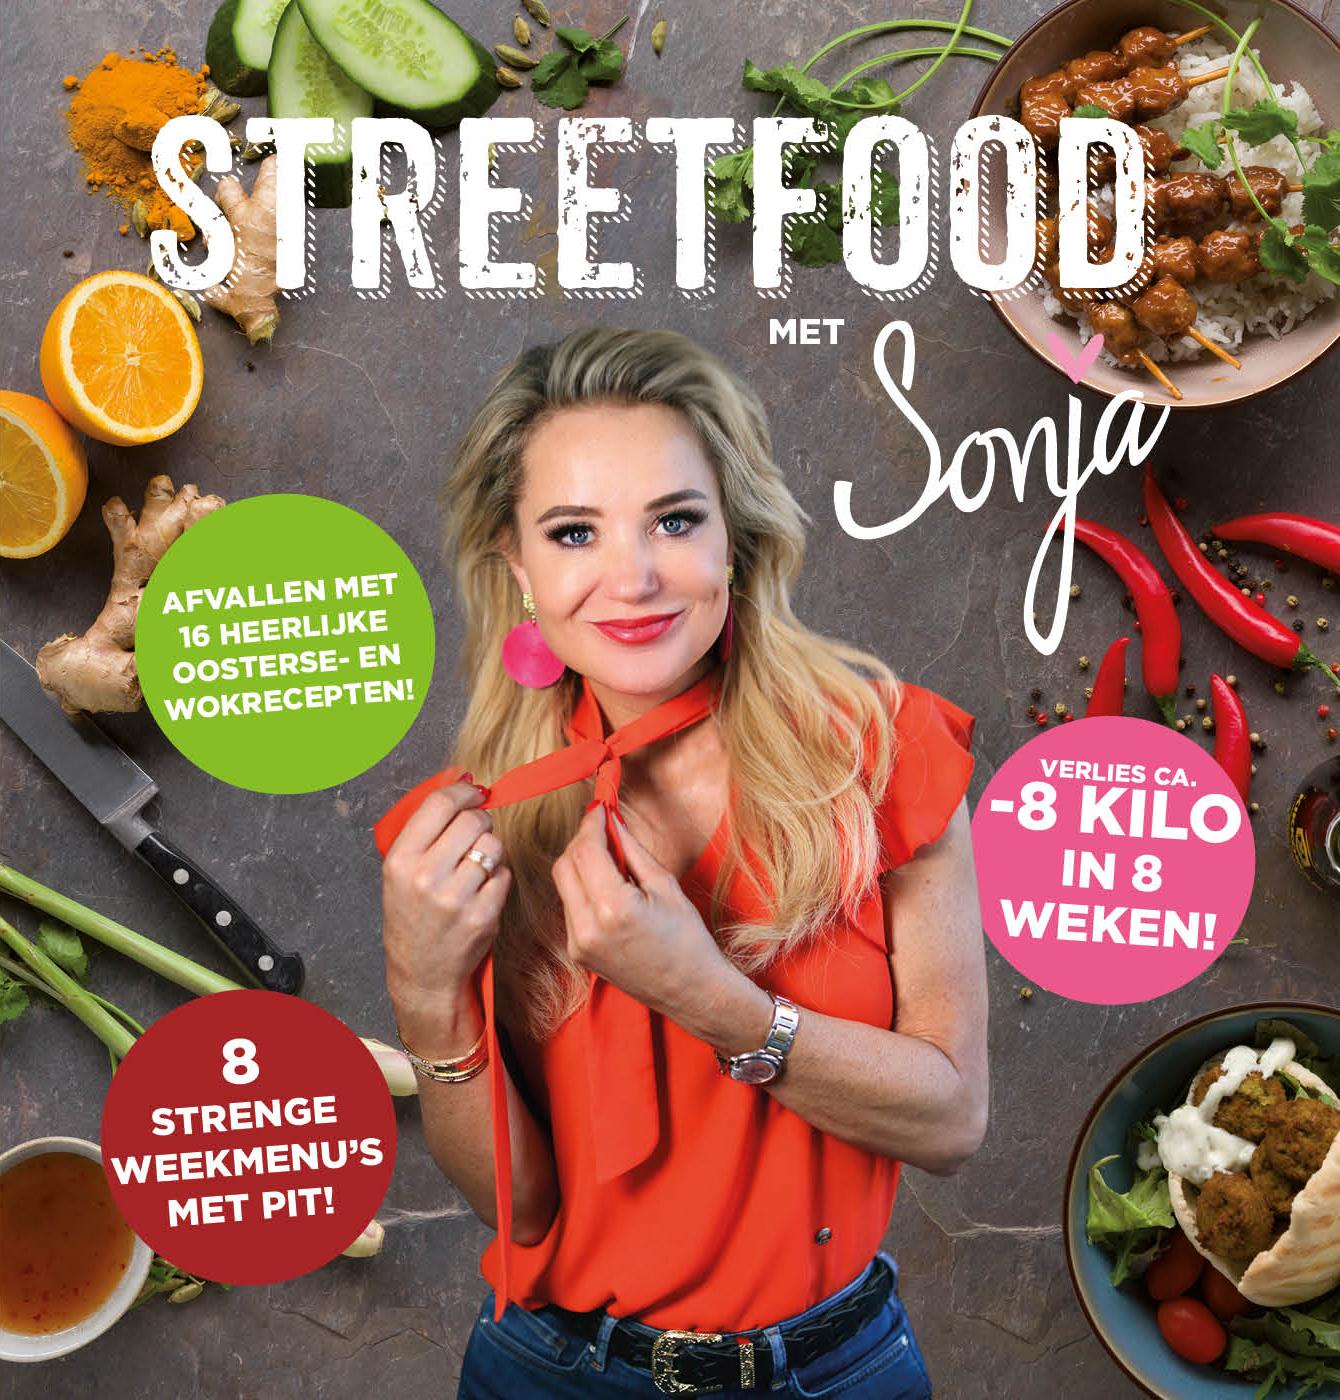 Streetfood met Sonja - boekenflits